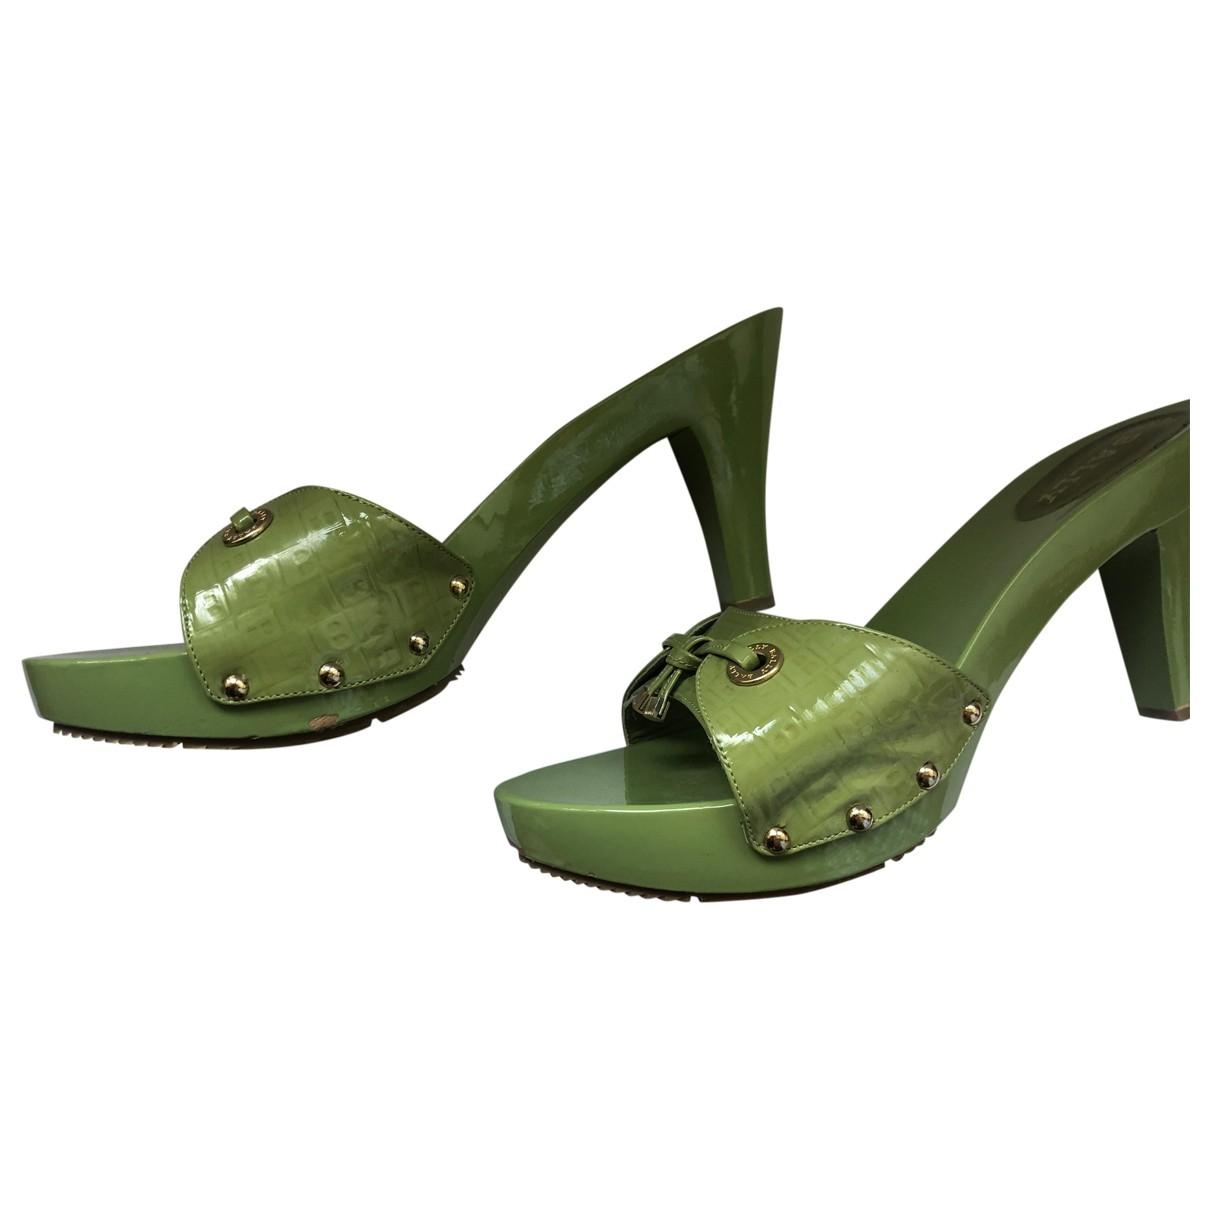 Bally - Sandales   pour femme en cuir verni - vert